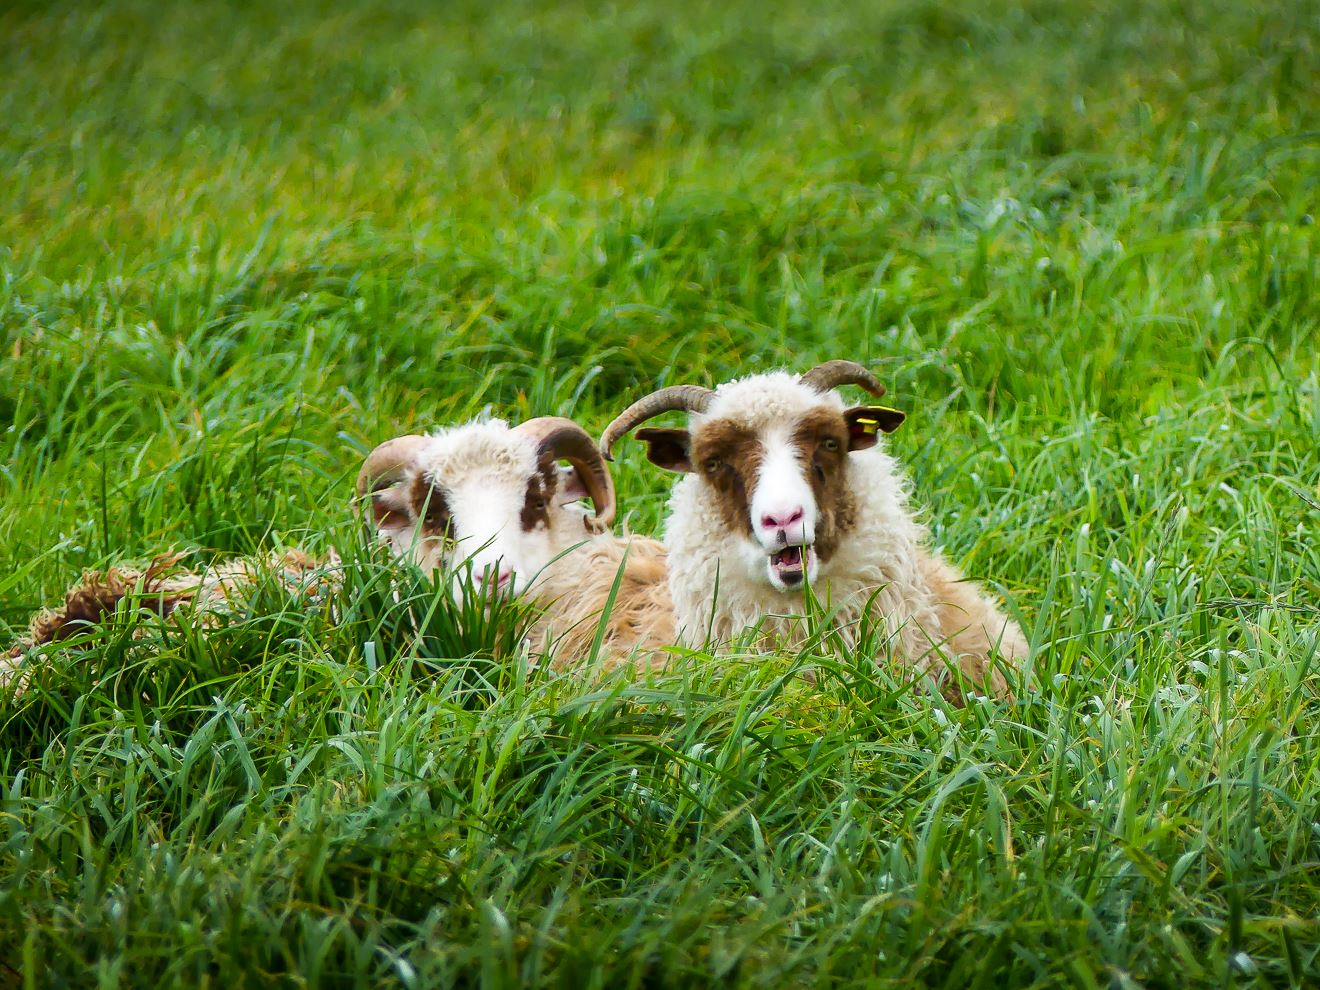 Première rencontre avec des moutons